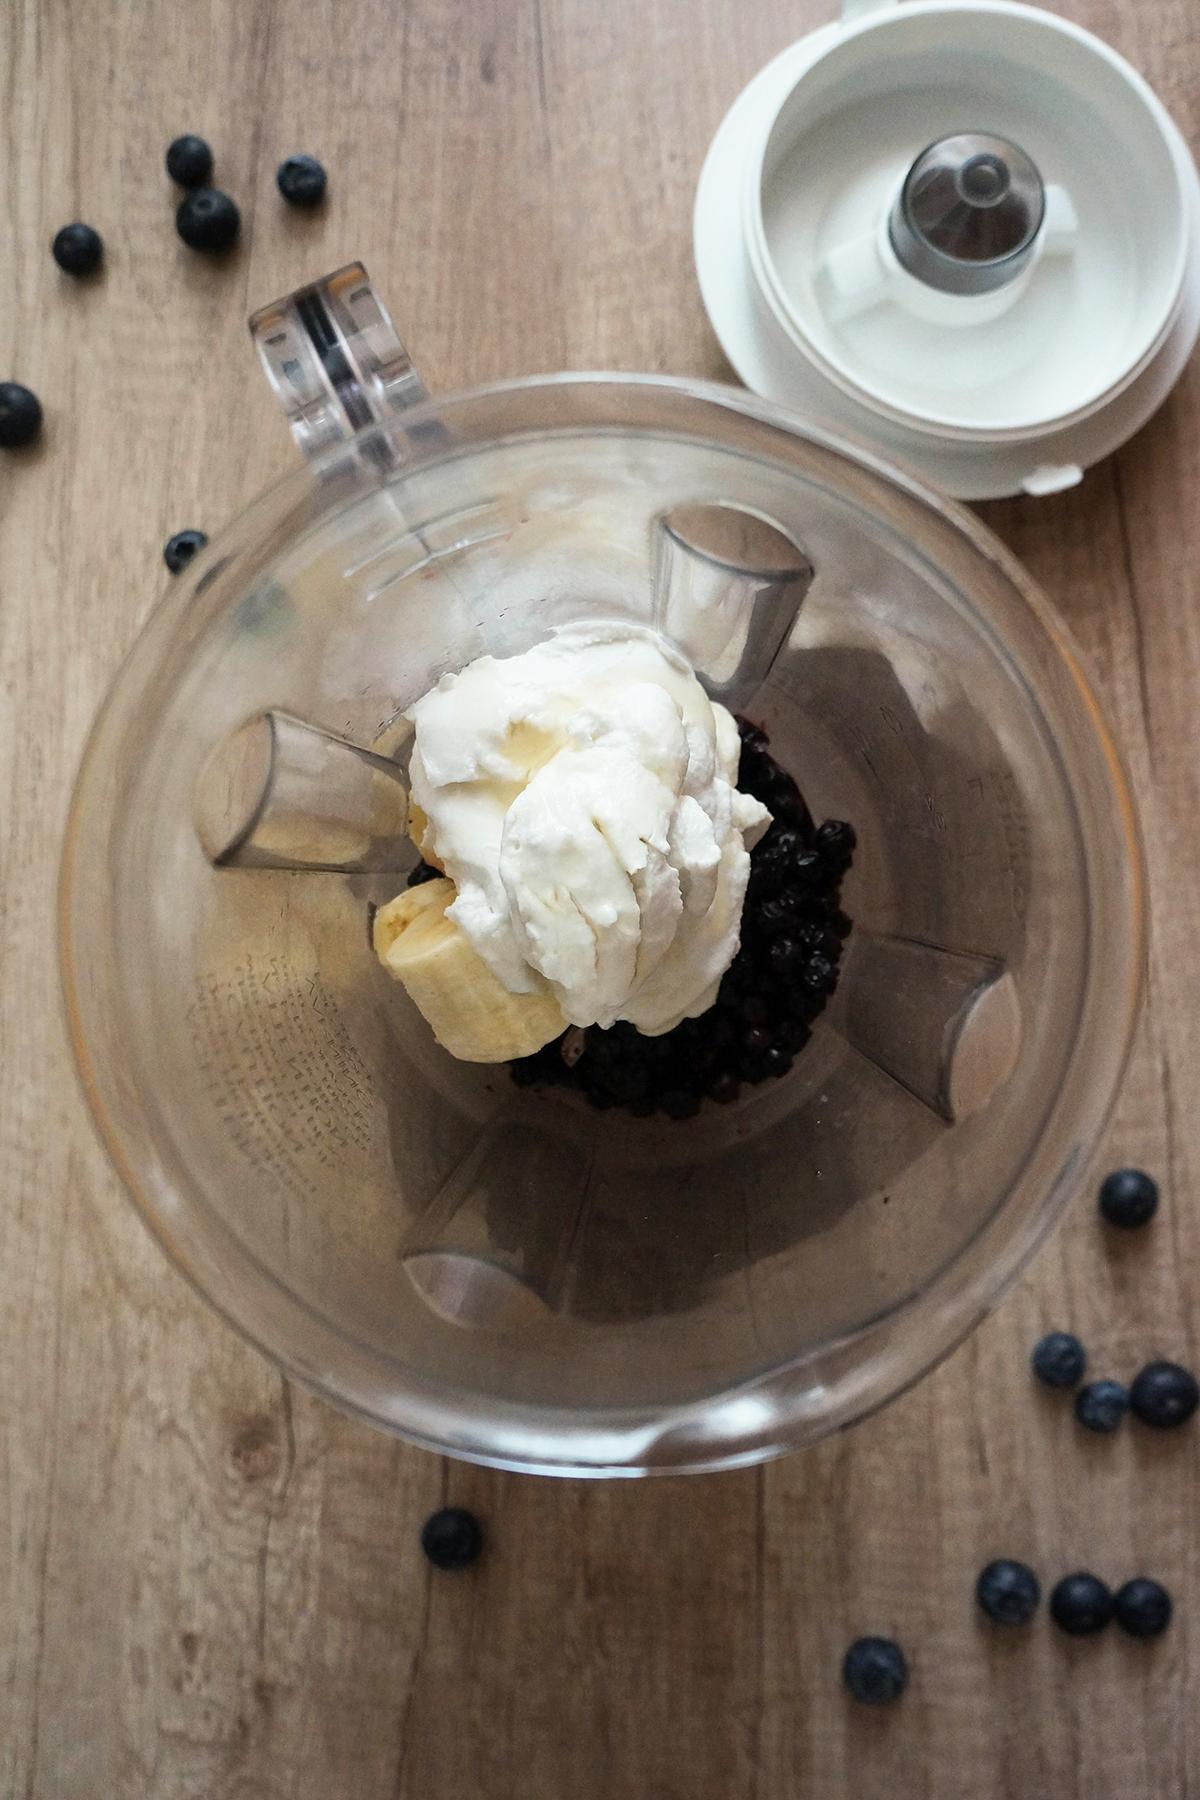 Borovničevo-bananin smuti v skodelici s kokosom in pistacijami